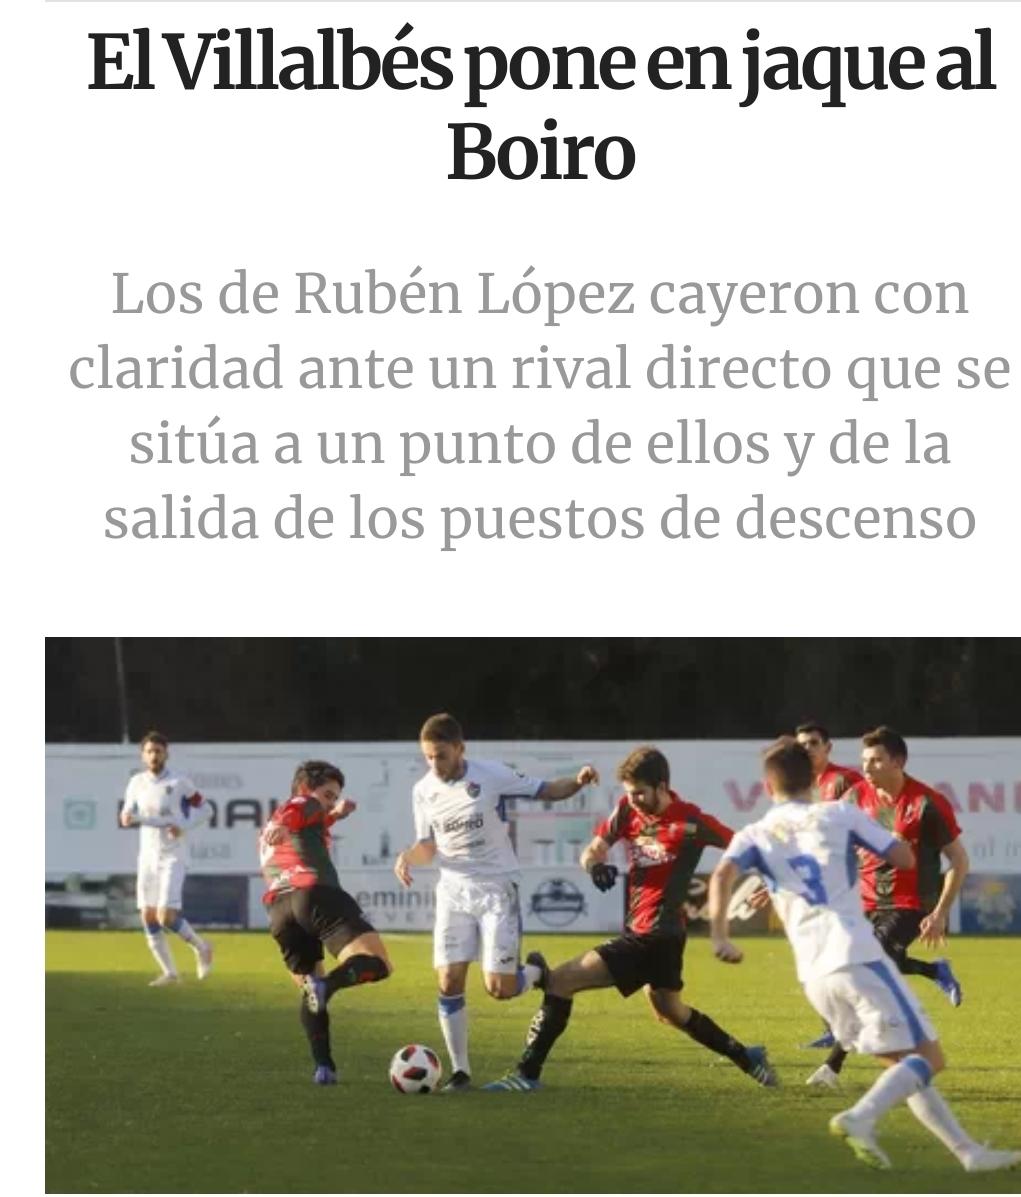 El Villalves pone en jaque al Boiro